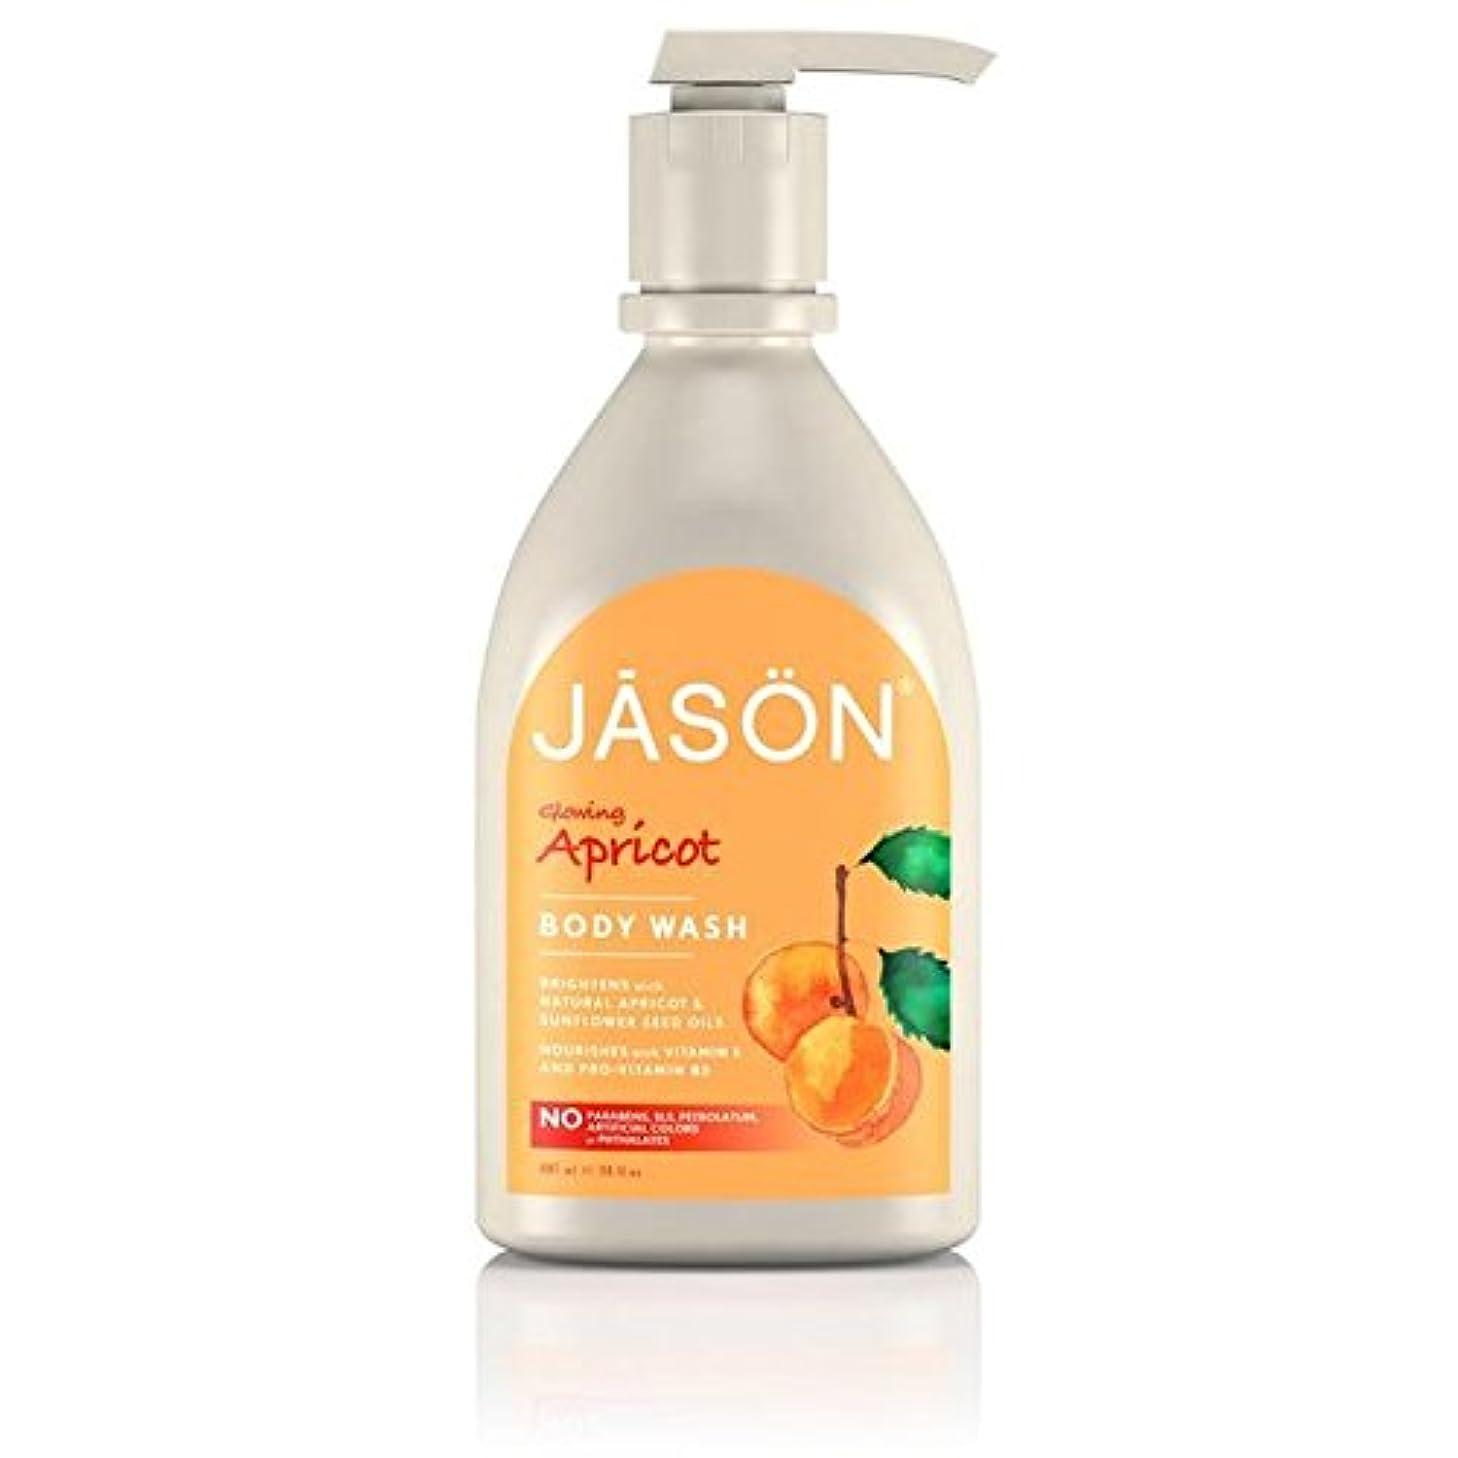 ブレス交換可能チロジェイソン?アプリコットサテンボディウォッシュポンプ900ミリリットル x4 - Jason Apricot Satin Body Wash Pump 900ml (Pack of 4) [並行輸入品]